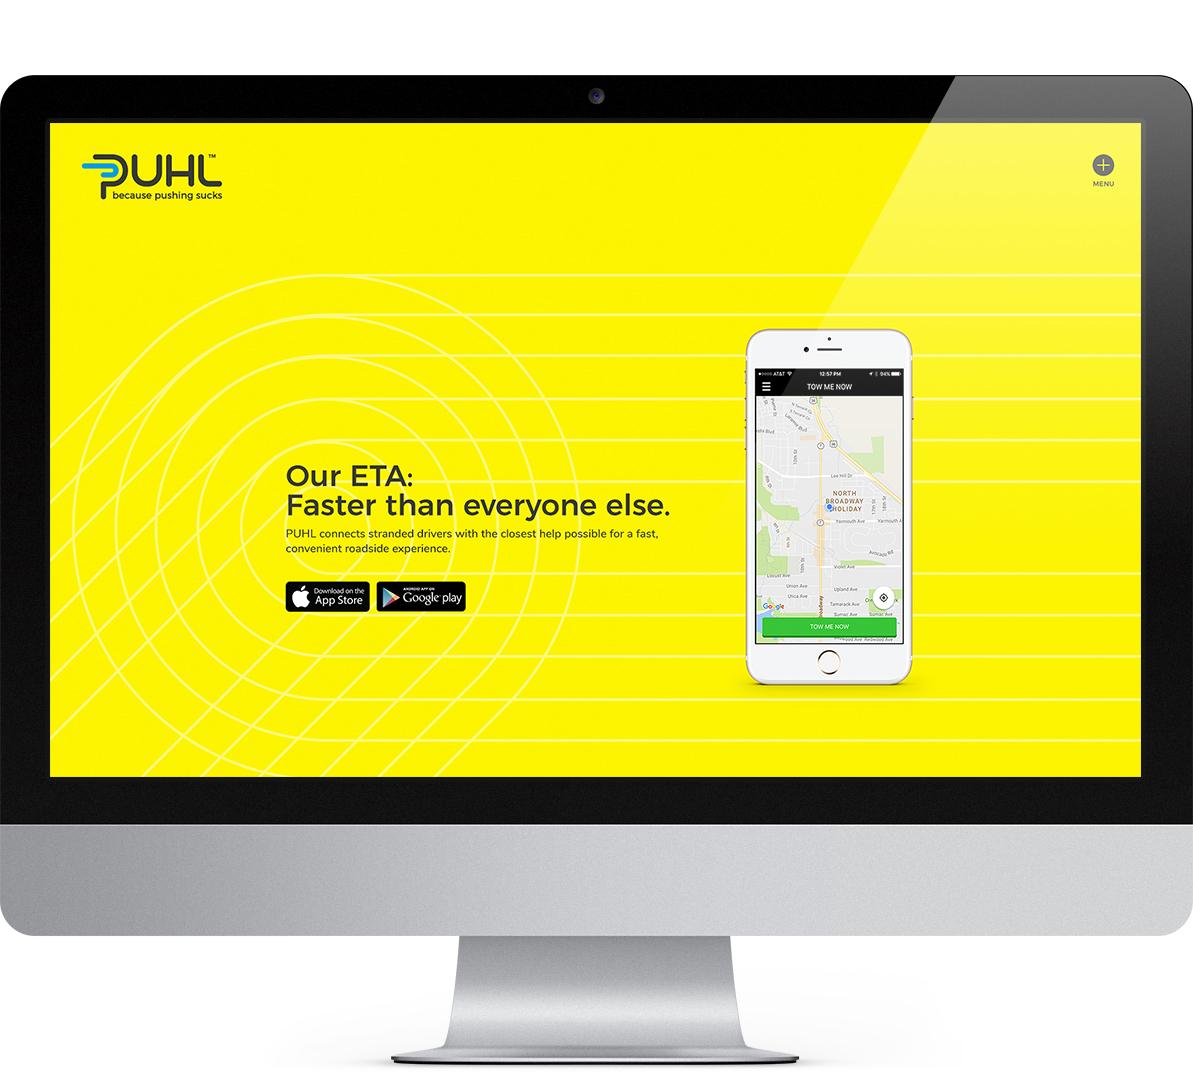 puhl website design